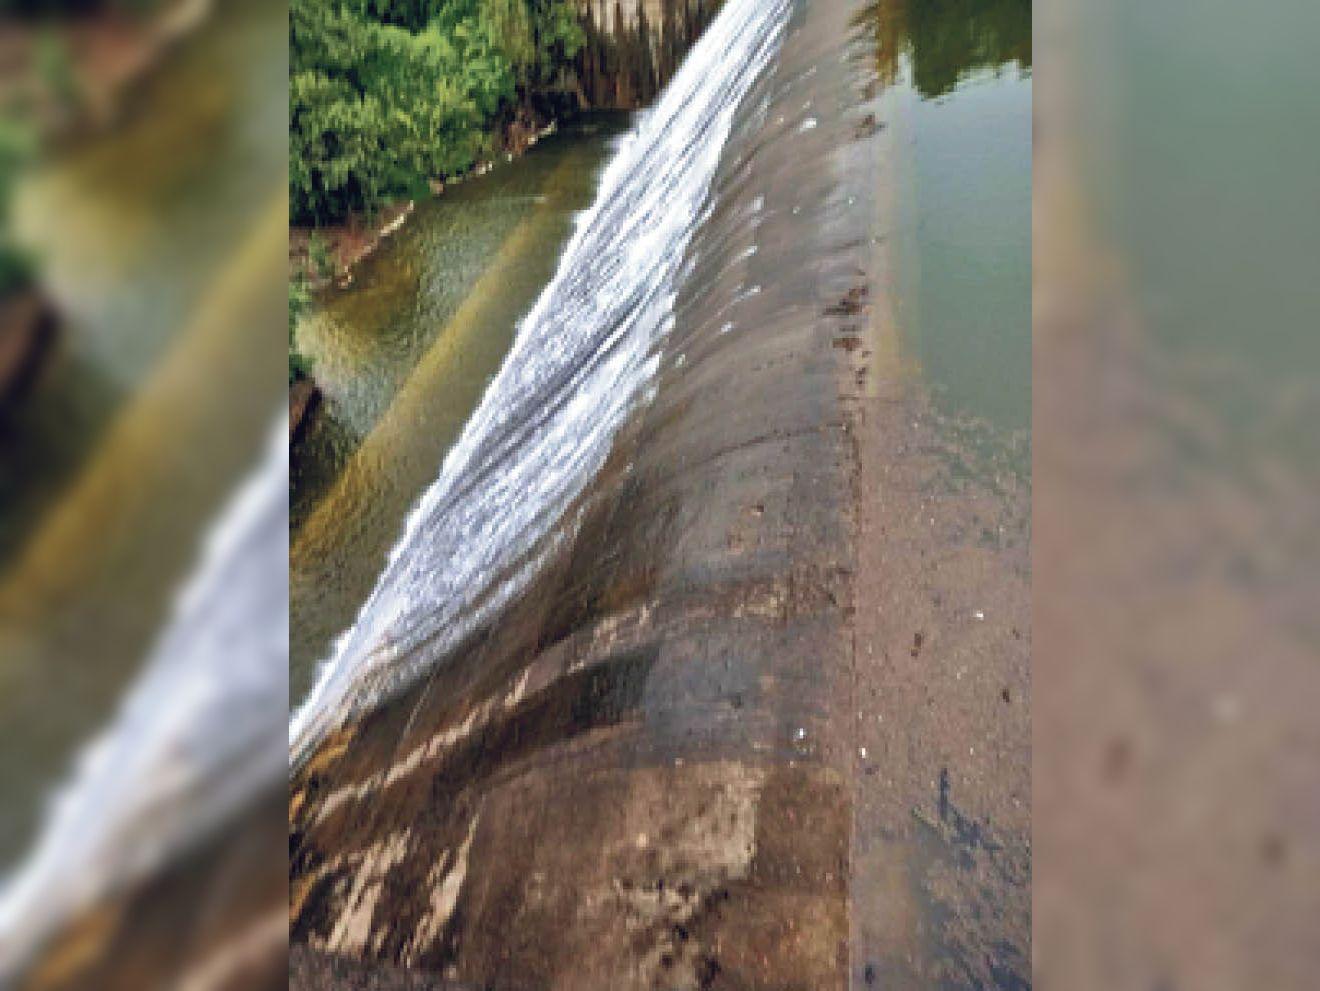 जिले में खेरवाड़ा क्षेत्र का दो नदी बांध सोमवार को तेज बारिश से ओवर फ्लो हो गया। - Dainik Bhaskar